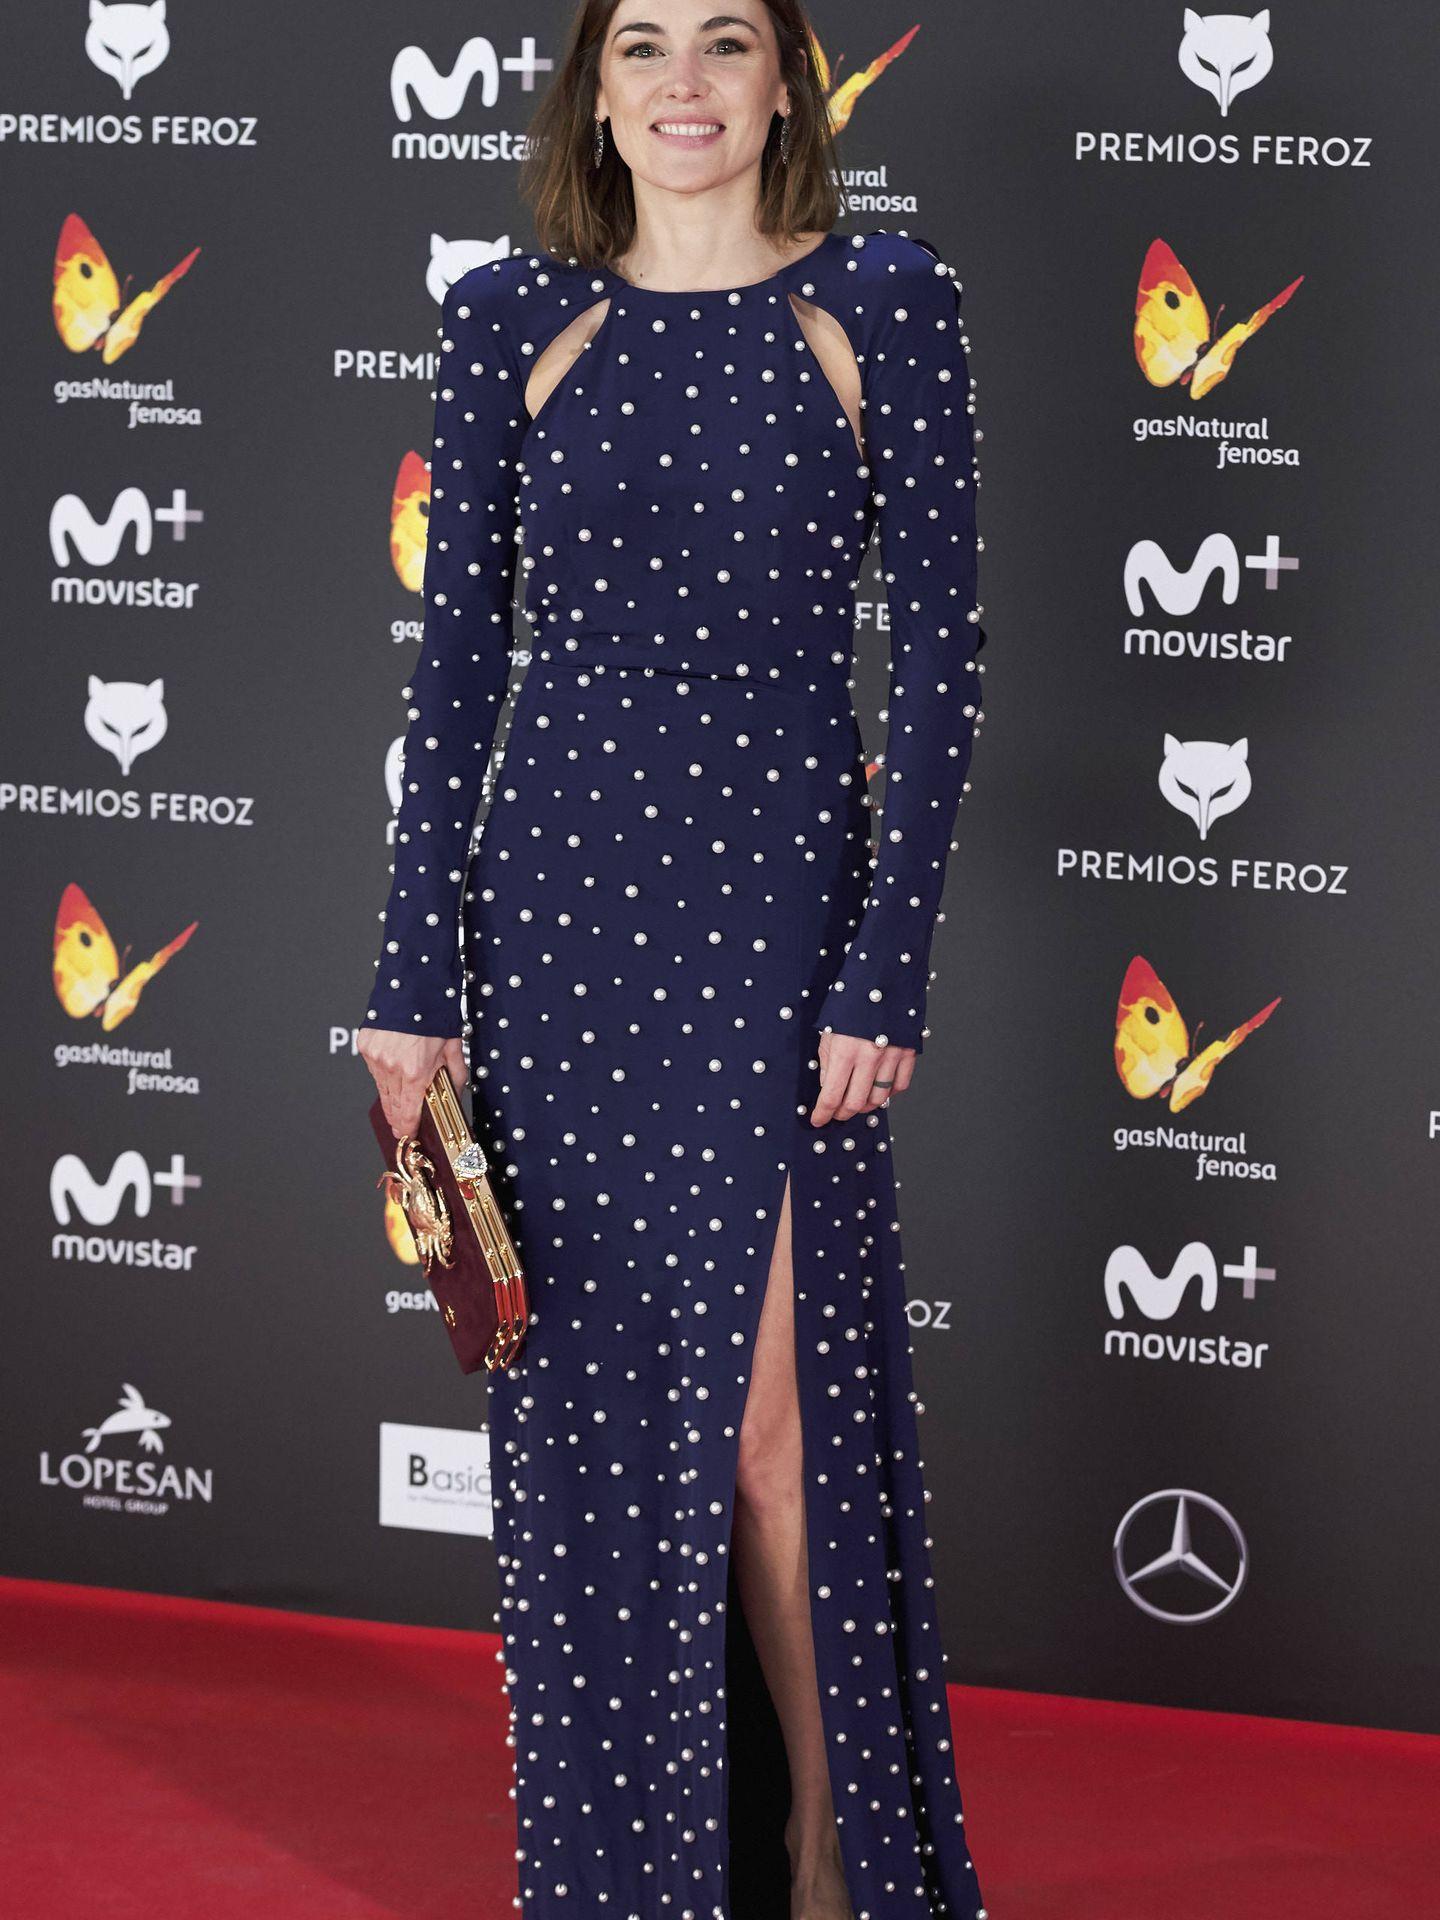 Marta Nieto con el famoso vestido durante los Premios Feroz 2017. (Getty)